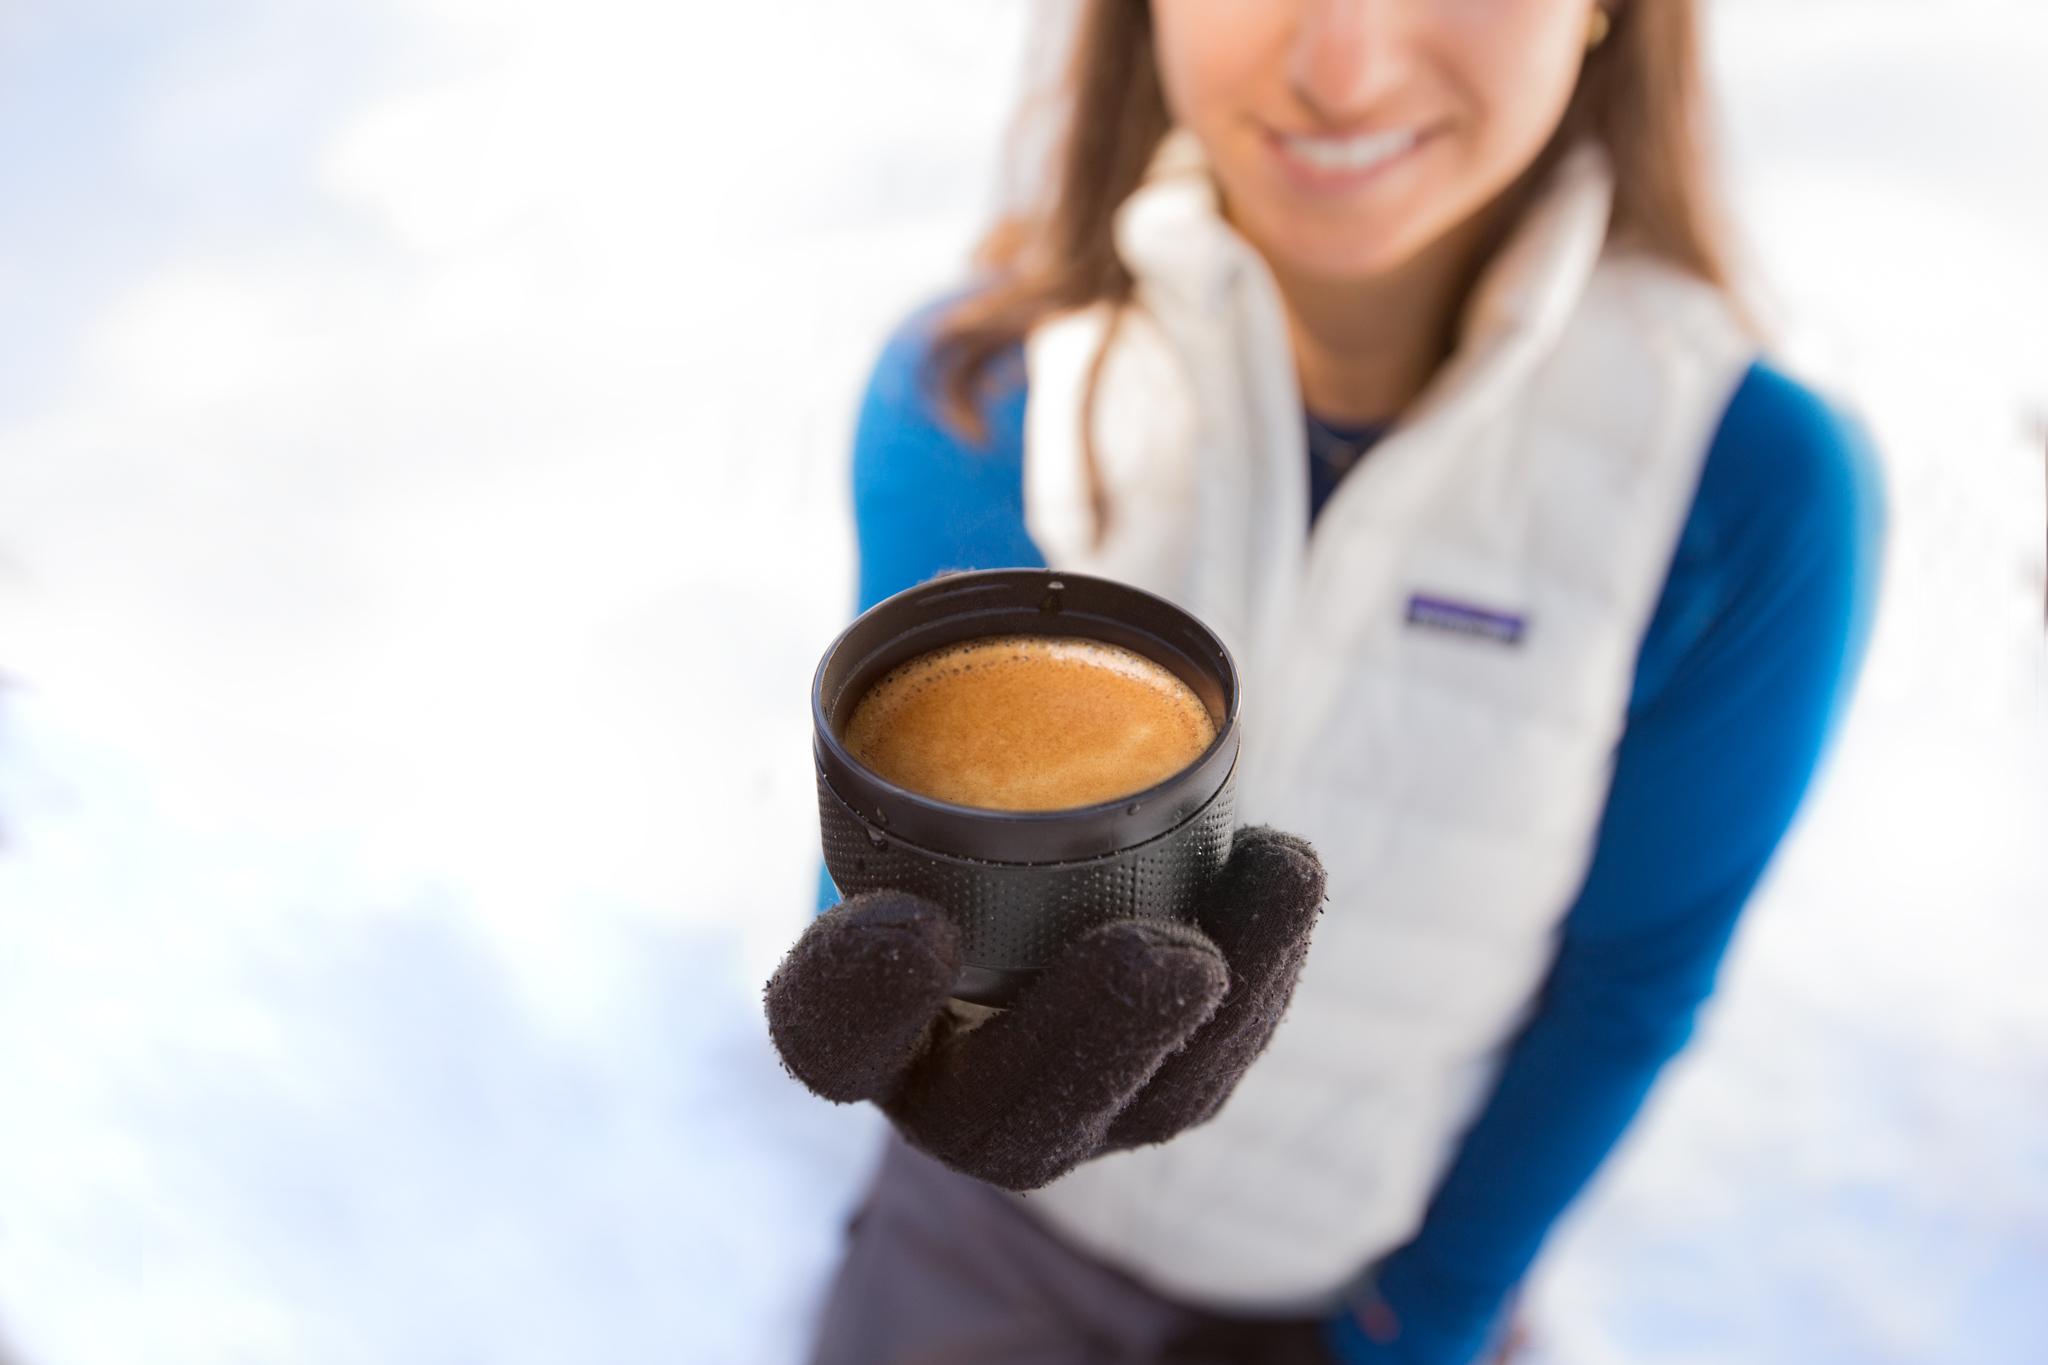 Minipresso_April _Insatgram-12.jpg